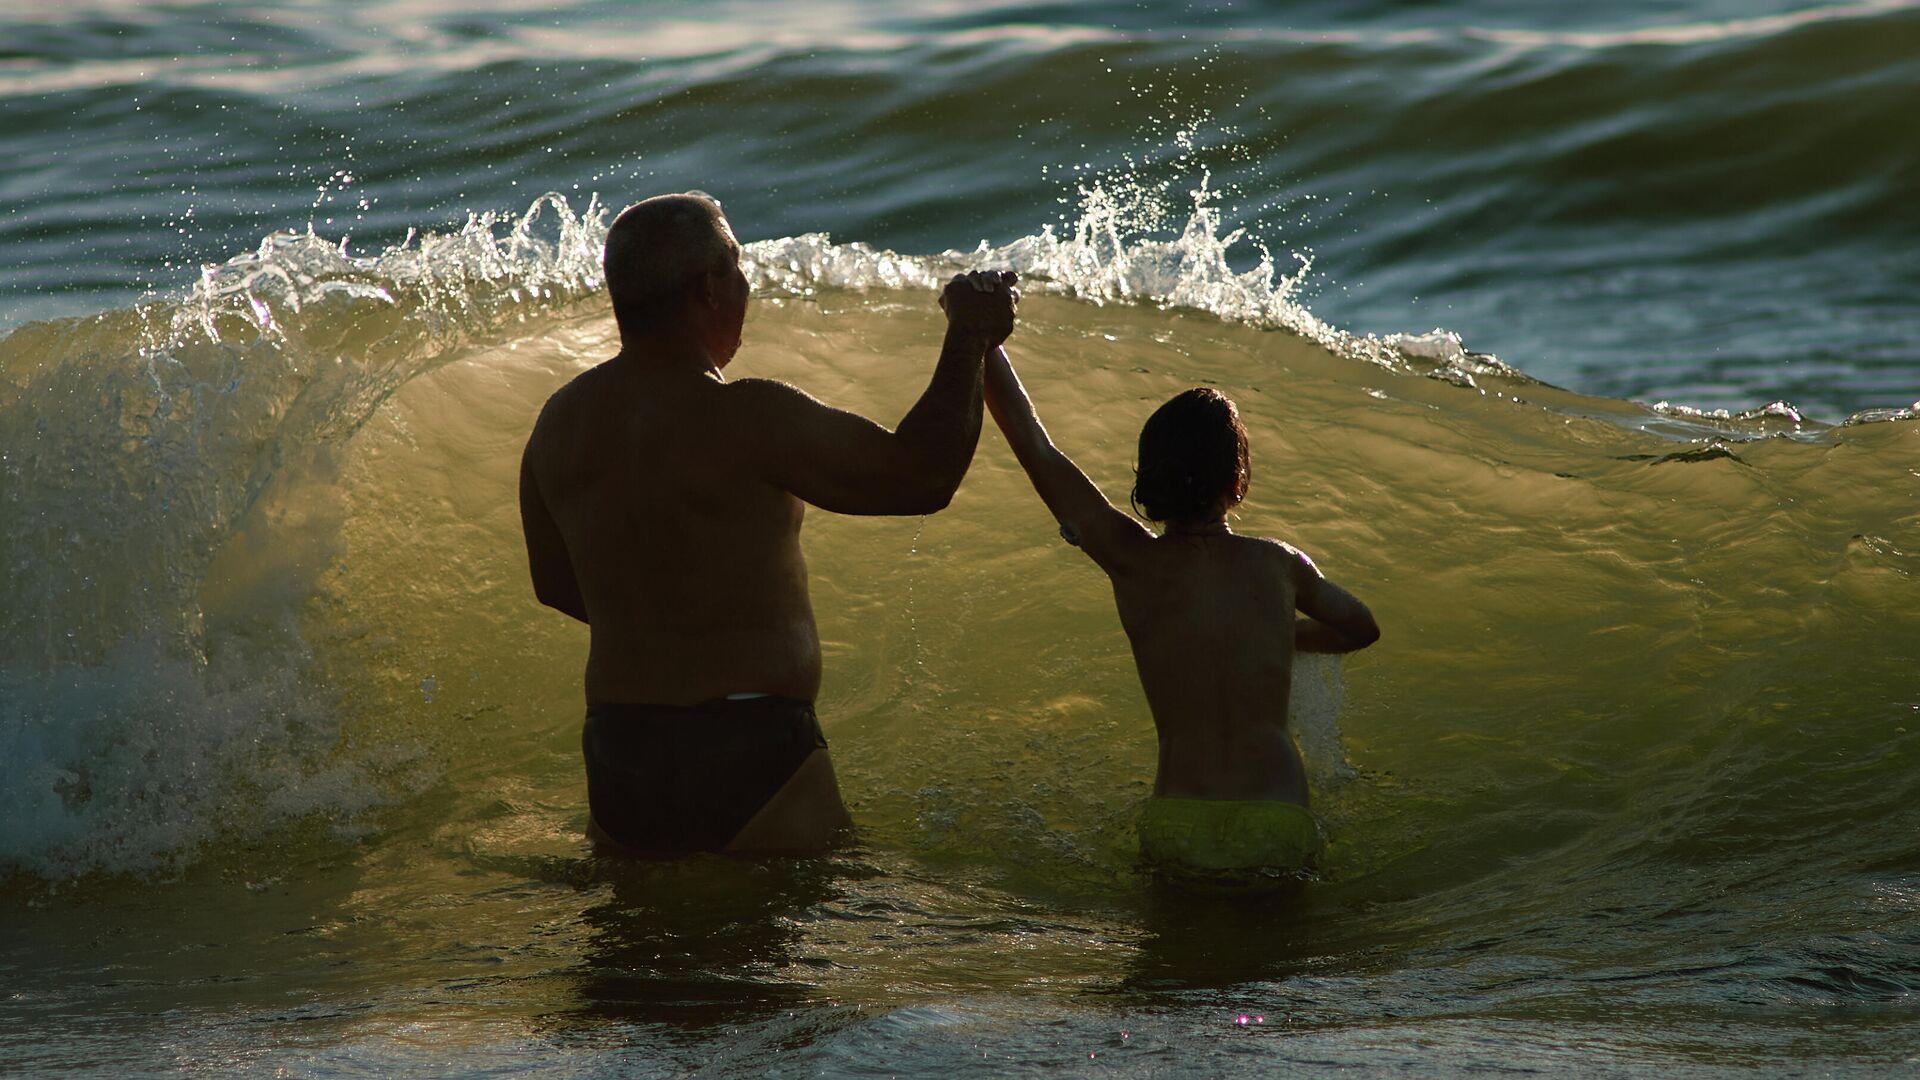 Отдыхающие купаются в Балтийском море в Калининградской области - РИА Новости, 1920, 31.07.2021